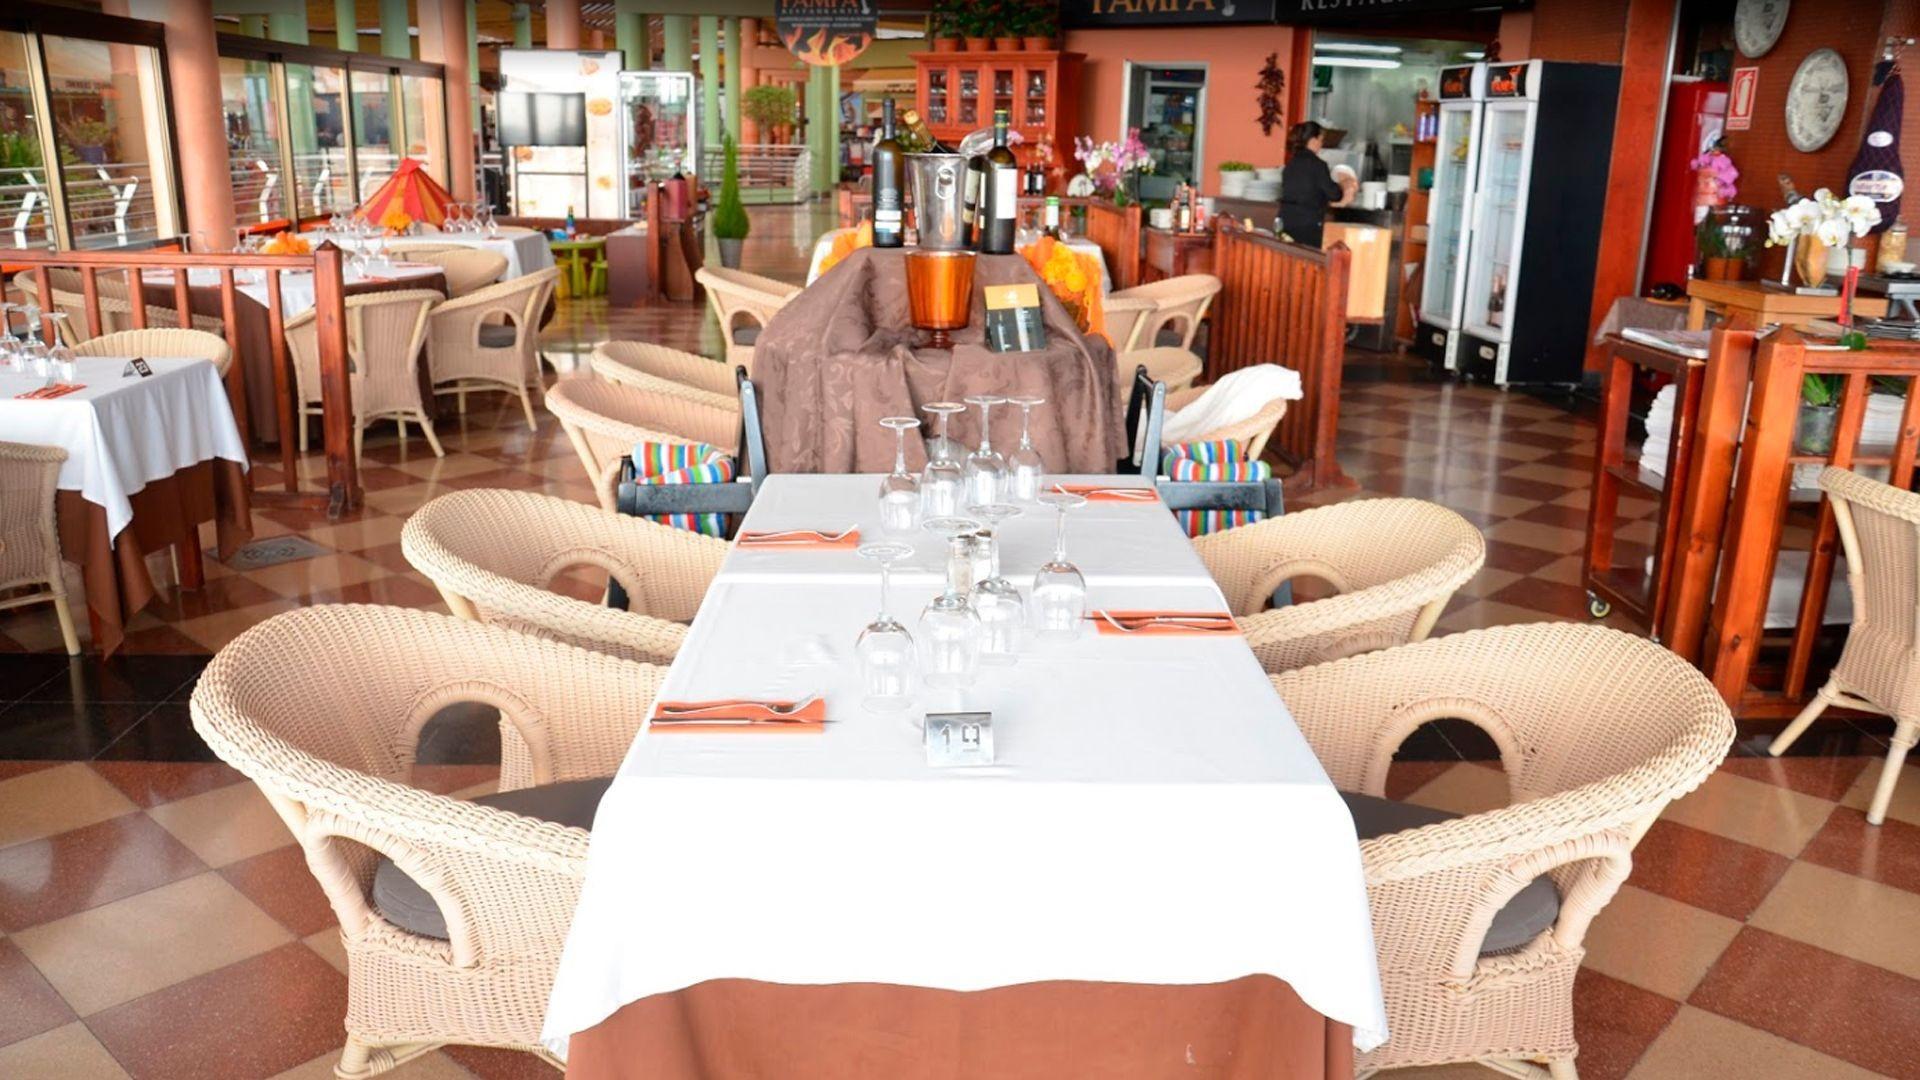 Restaurante de cocina argentina y mediterránea en San Bartolomé de Tirajana